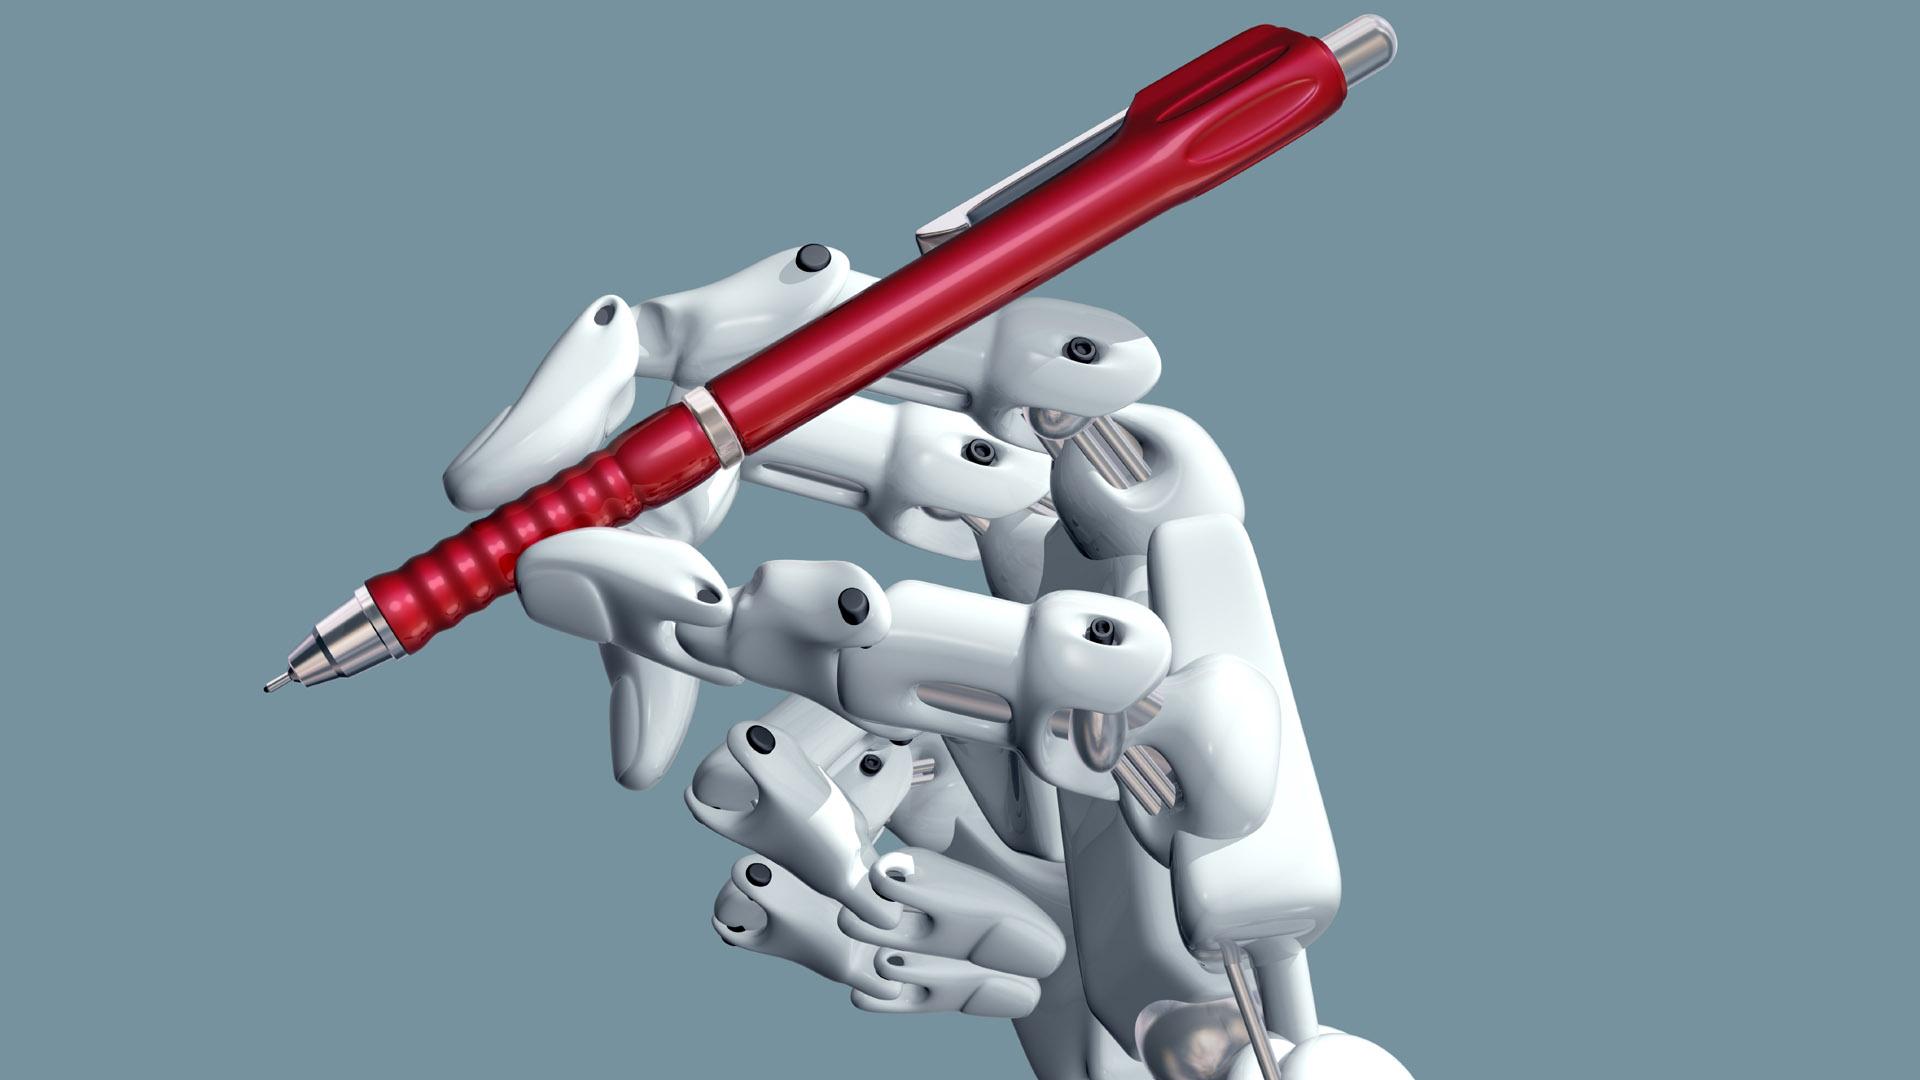 Los jueces no se dieron cuenta que el relato estaba escrita por una inteligencia artificial